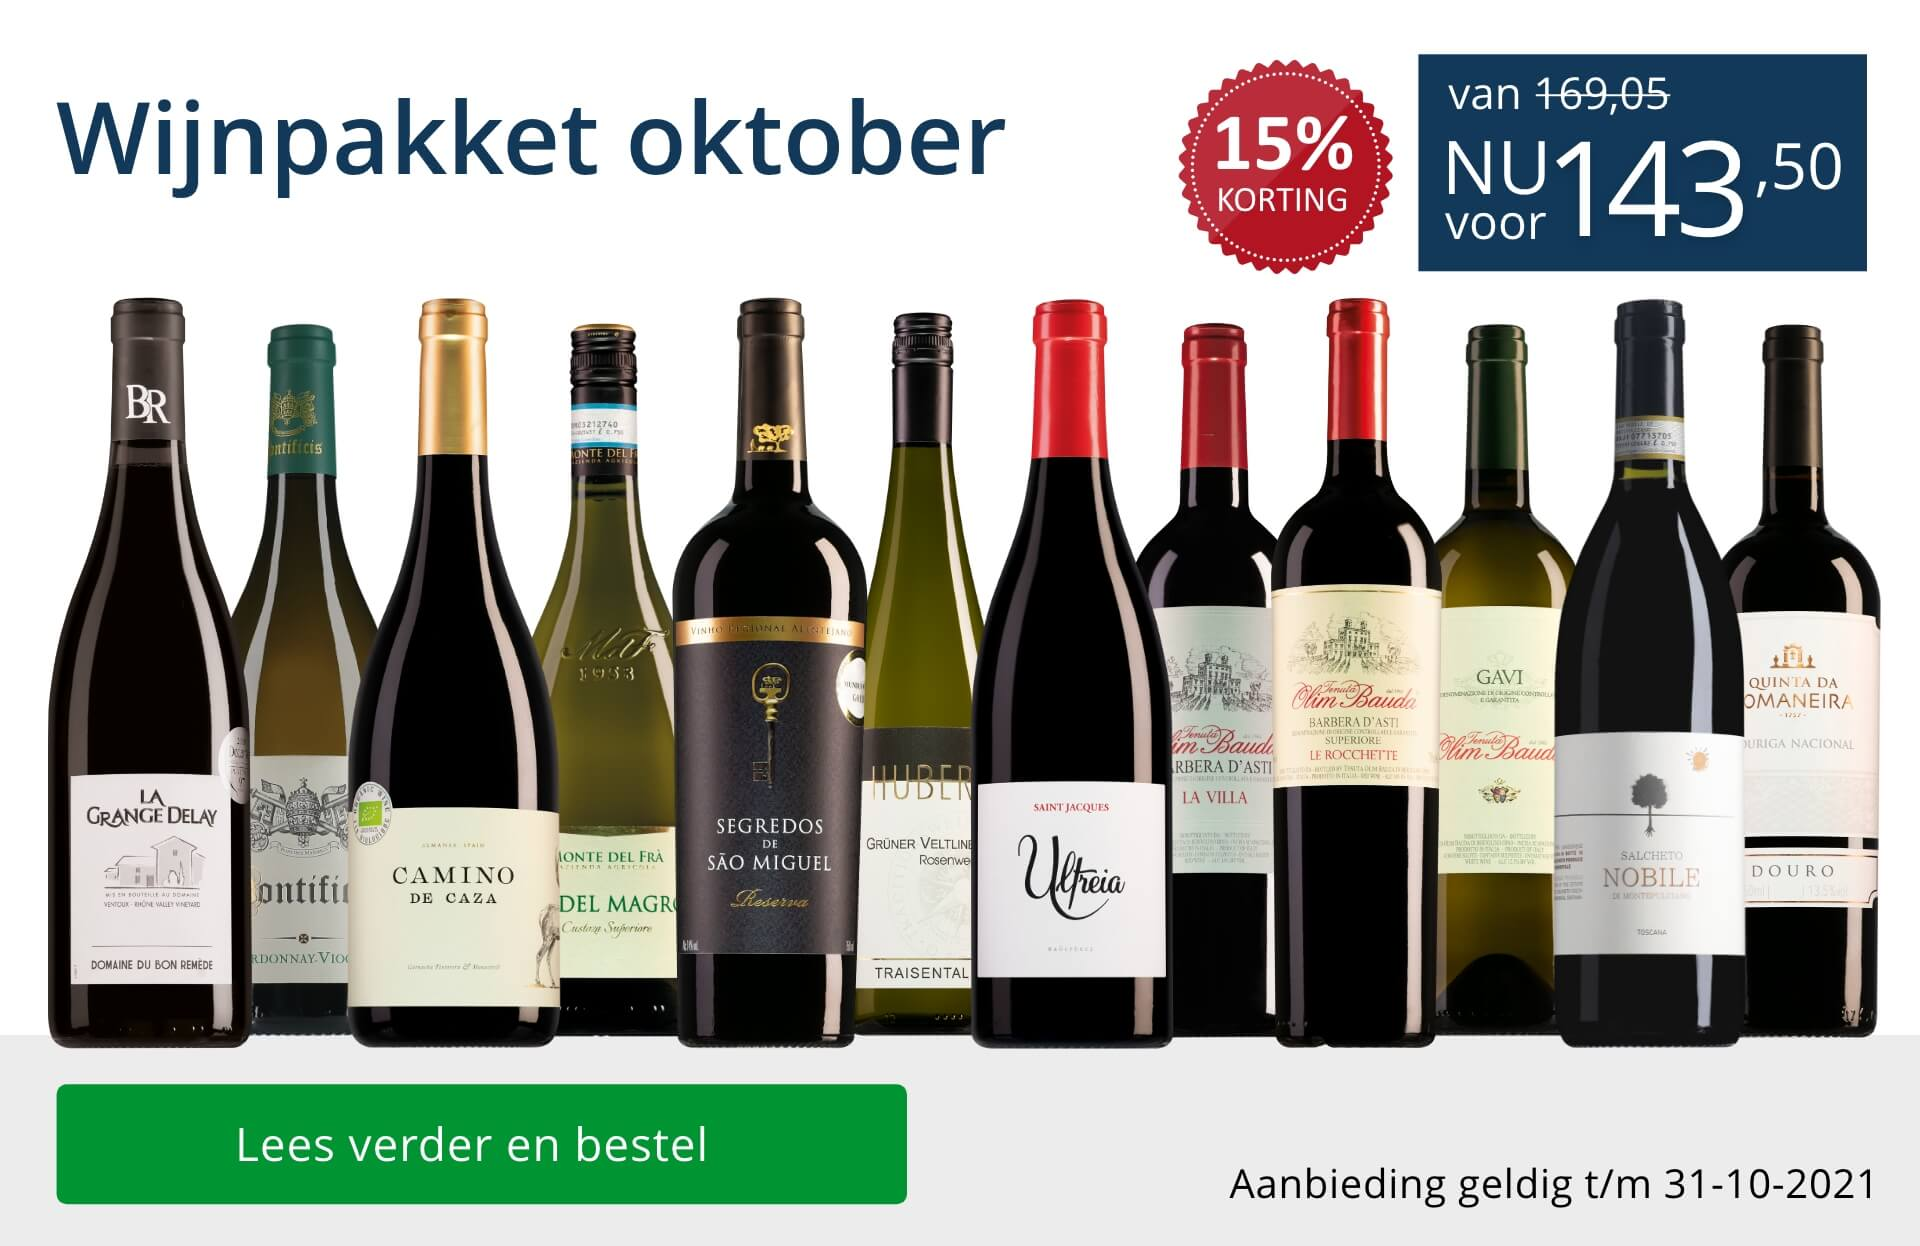 Wijnpakket wijnbericht oktober 2021 - blauw